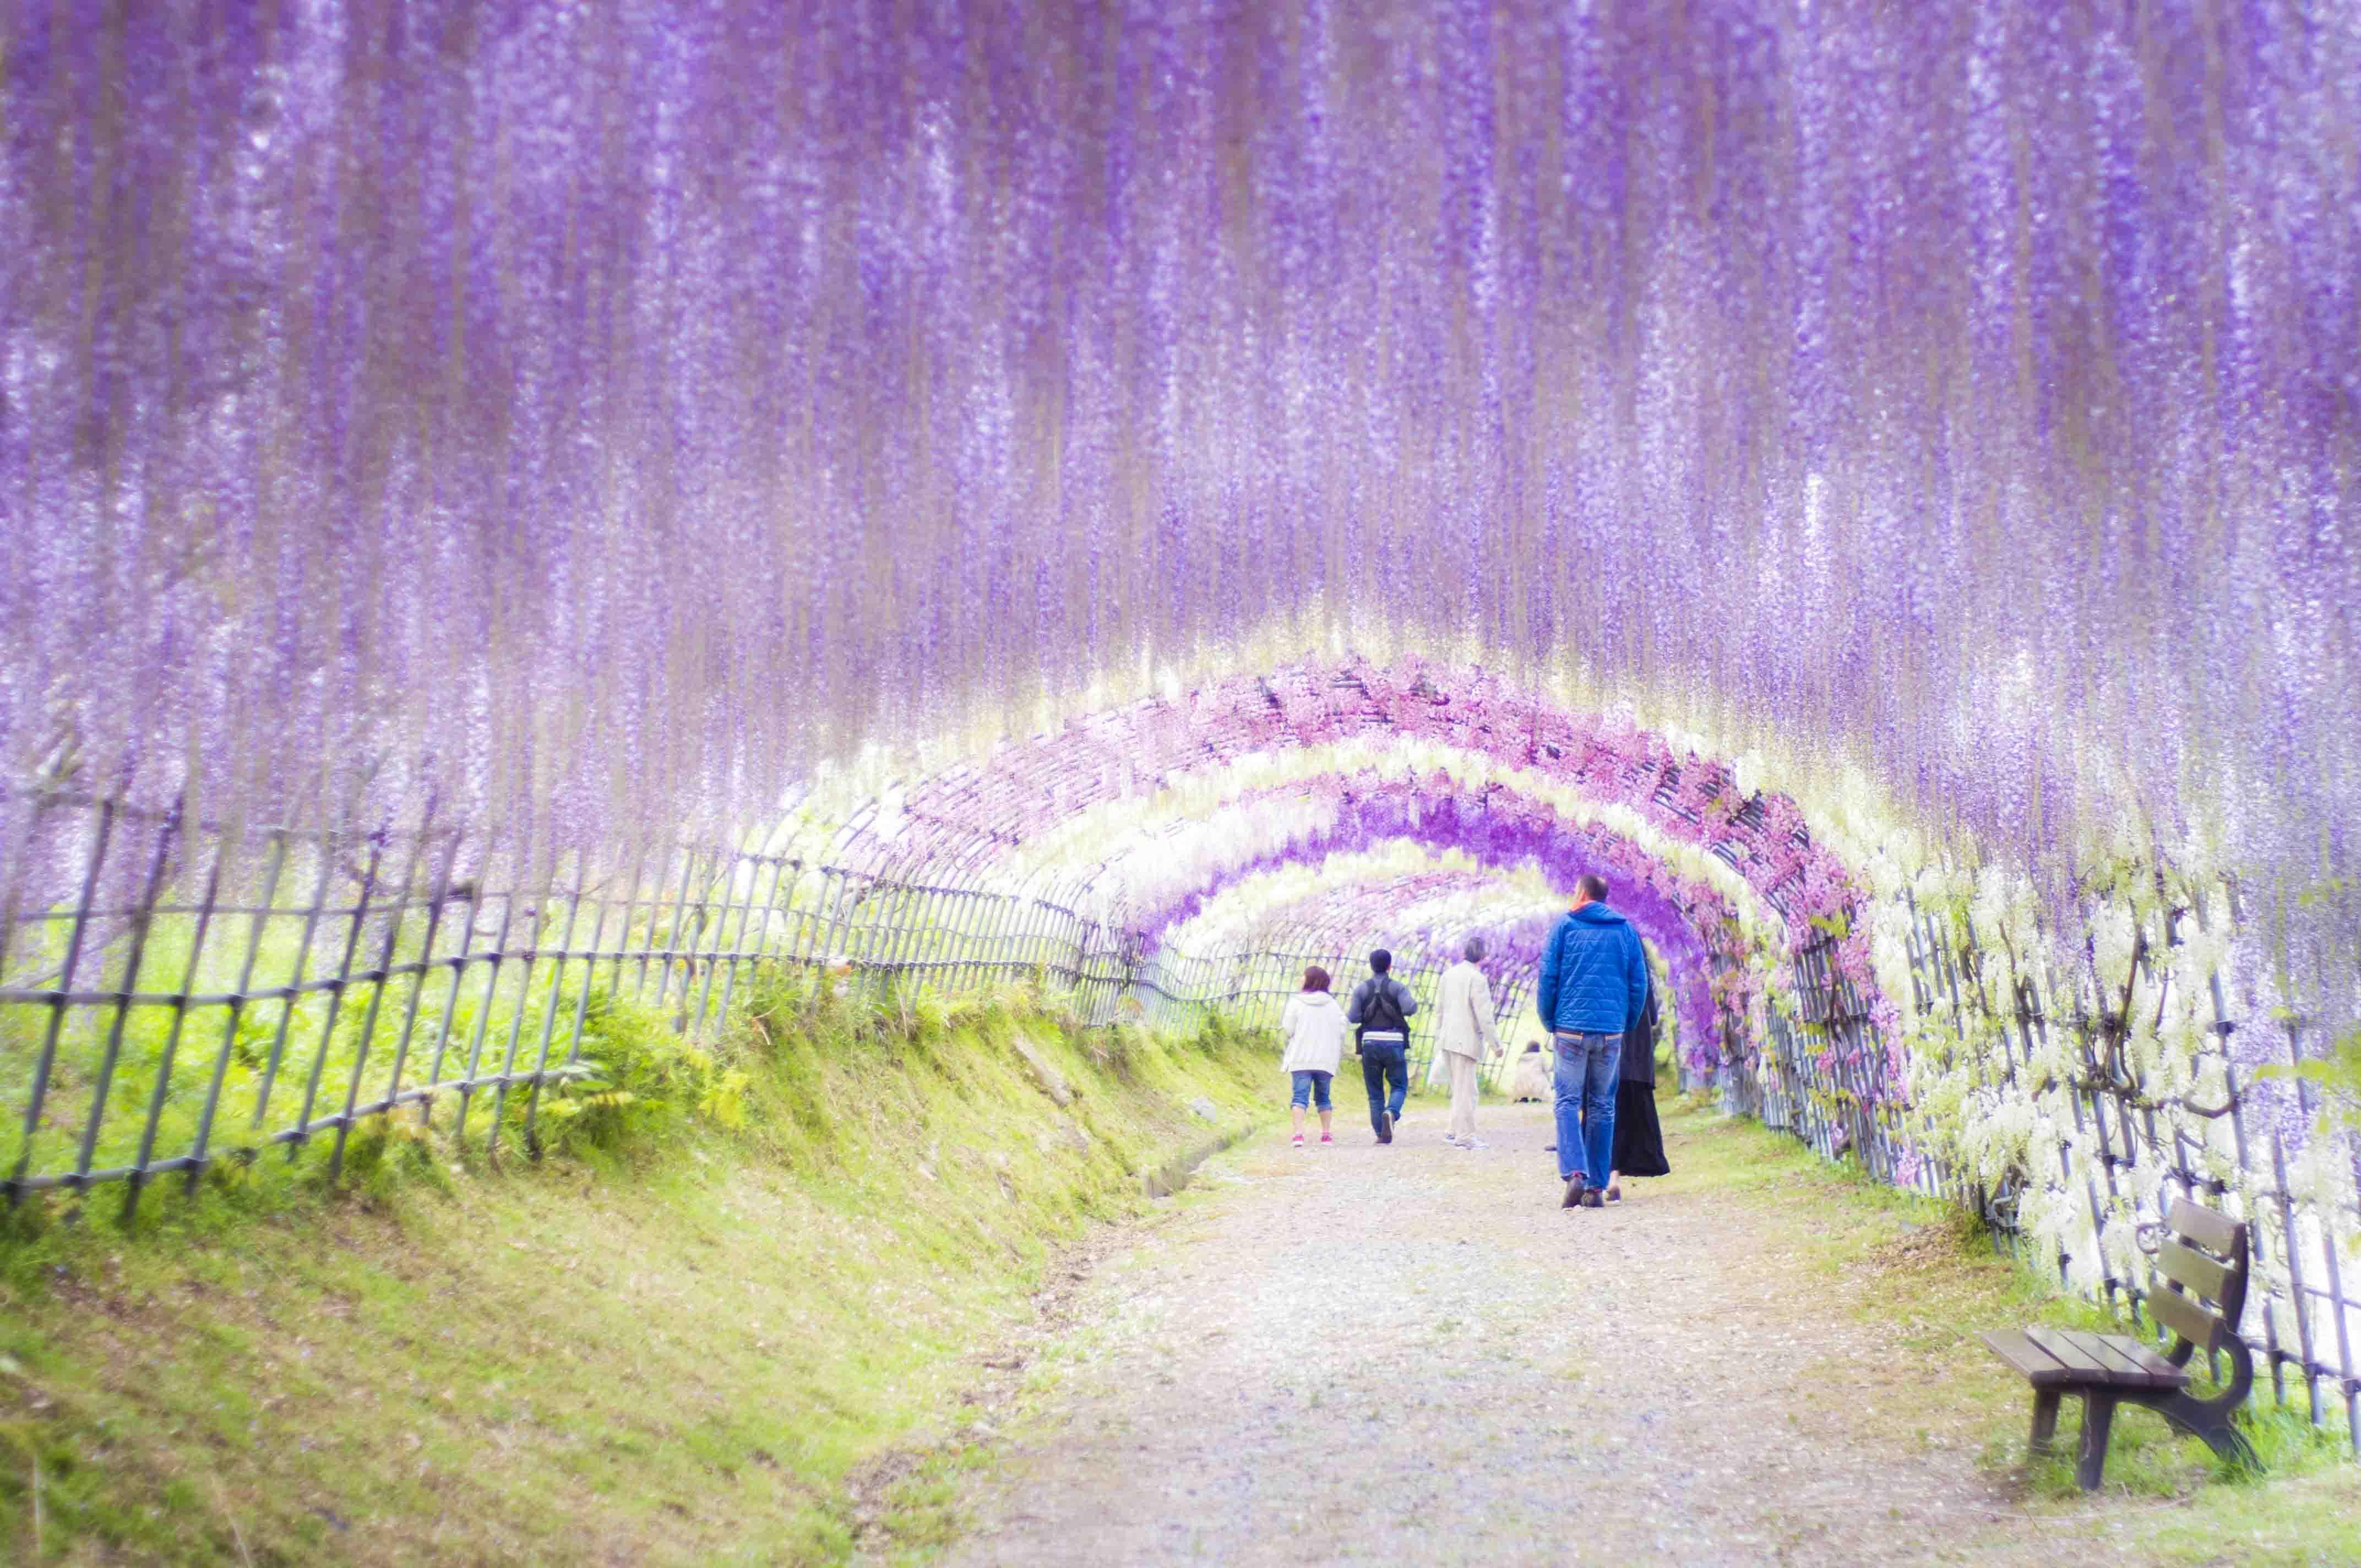 色鮮やかな藤のトンネルに日がキラキラと差し込むとそれはそれは絶景です。